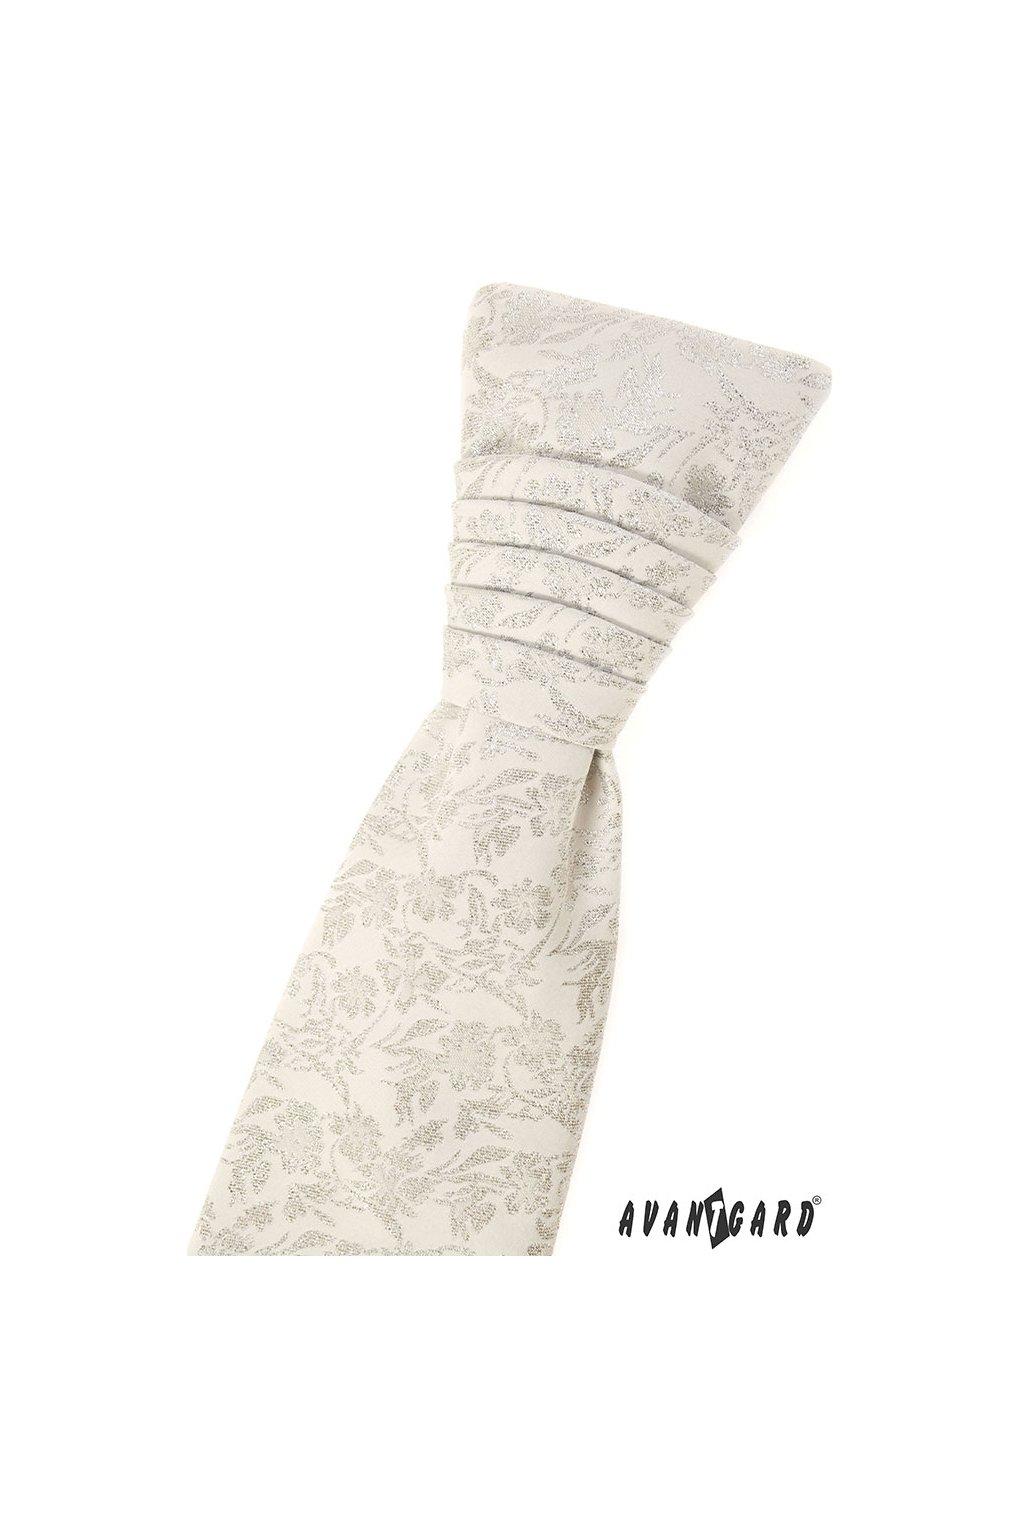 Svatební smetanová regata PREMIUM se slavnostní výšivkou s kapesníčkem 577 - 81180